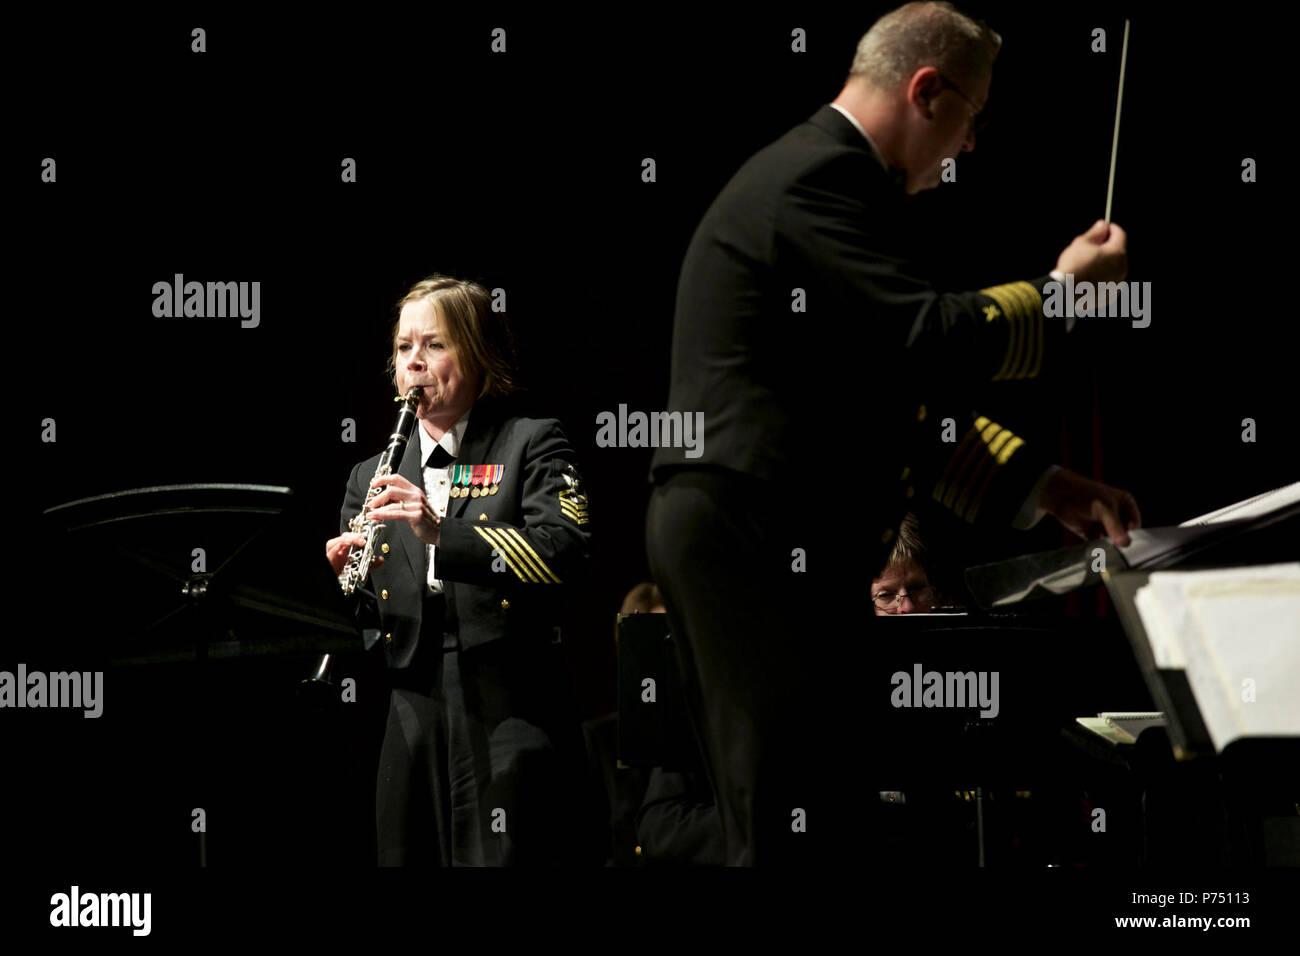 NORTH CHARLESTON, S.C. (9 mars 2015) Senior chef Laura Grantier, de Denham Springs, en Louisiane, se produit avec la U.S. Navy Band lors d'un concert au Rose Maree Meyers Theatre for the Performing Arts à North Charleston, S.C. La U.S. Navy Band parcourt le sud-est des États-Unis, avec des représentations dans 32 villes. Banque D'Images